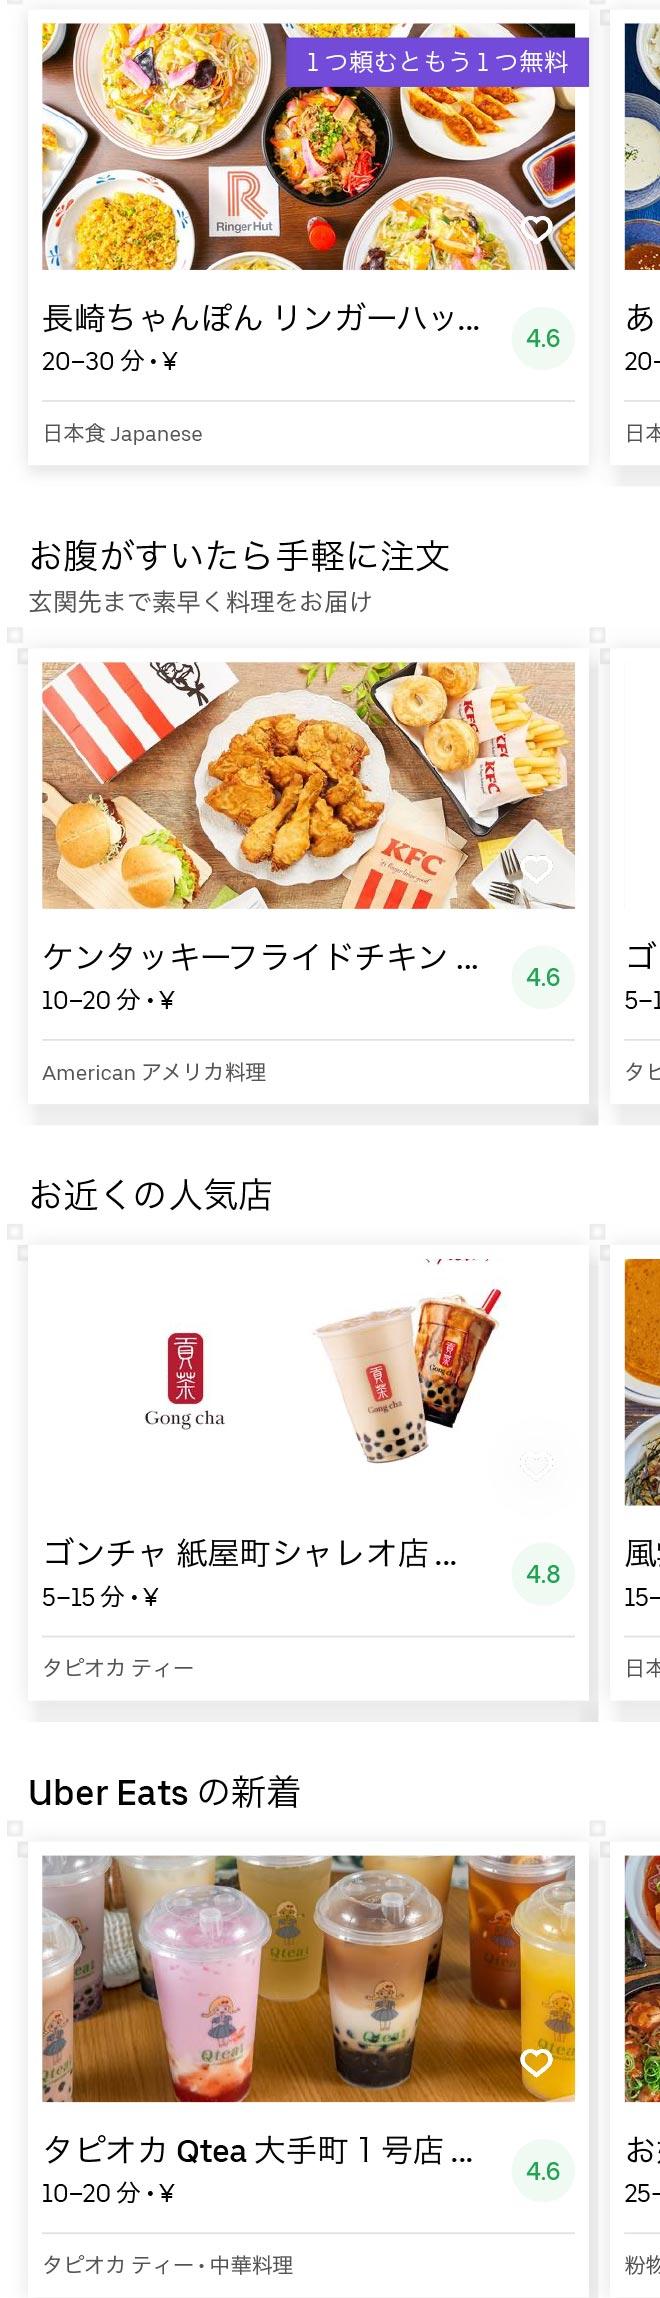 Hiroshima menu 2005 01